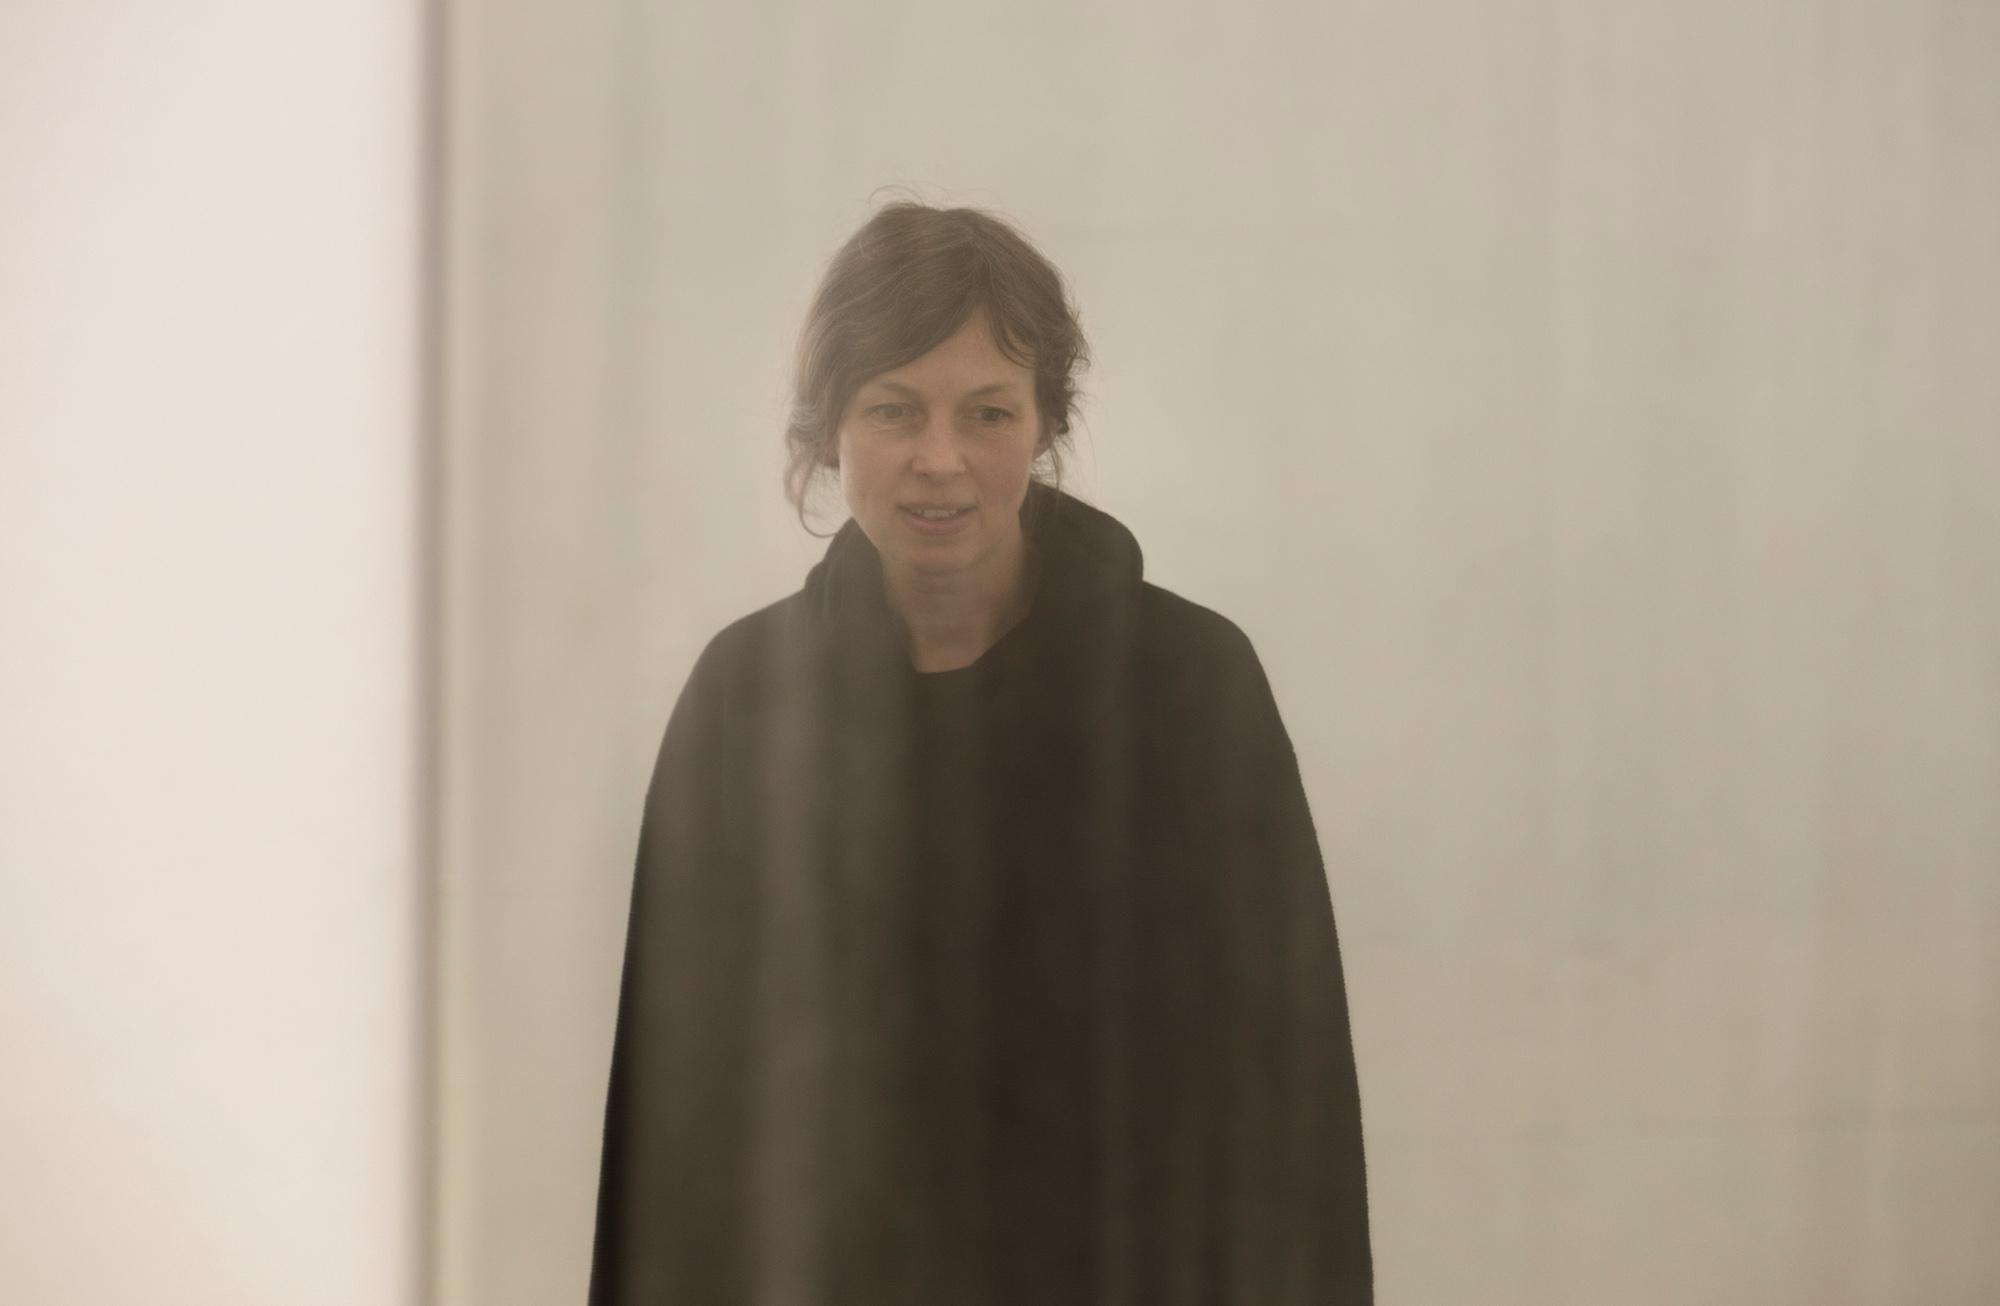 Im trüben Spiegel lässts sich besser sehen: Doris Lasch im präparierten Spiegelbild.